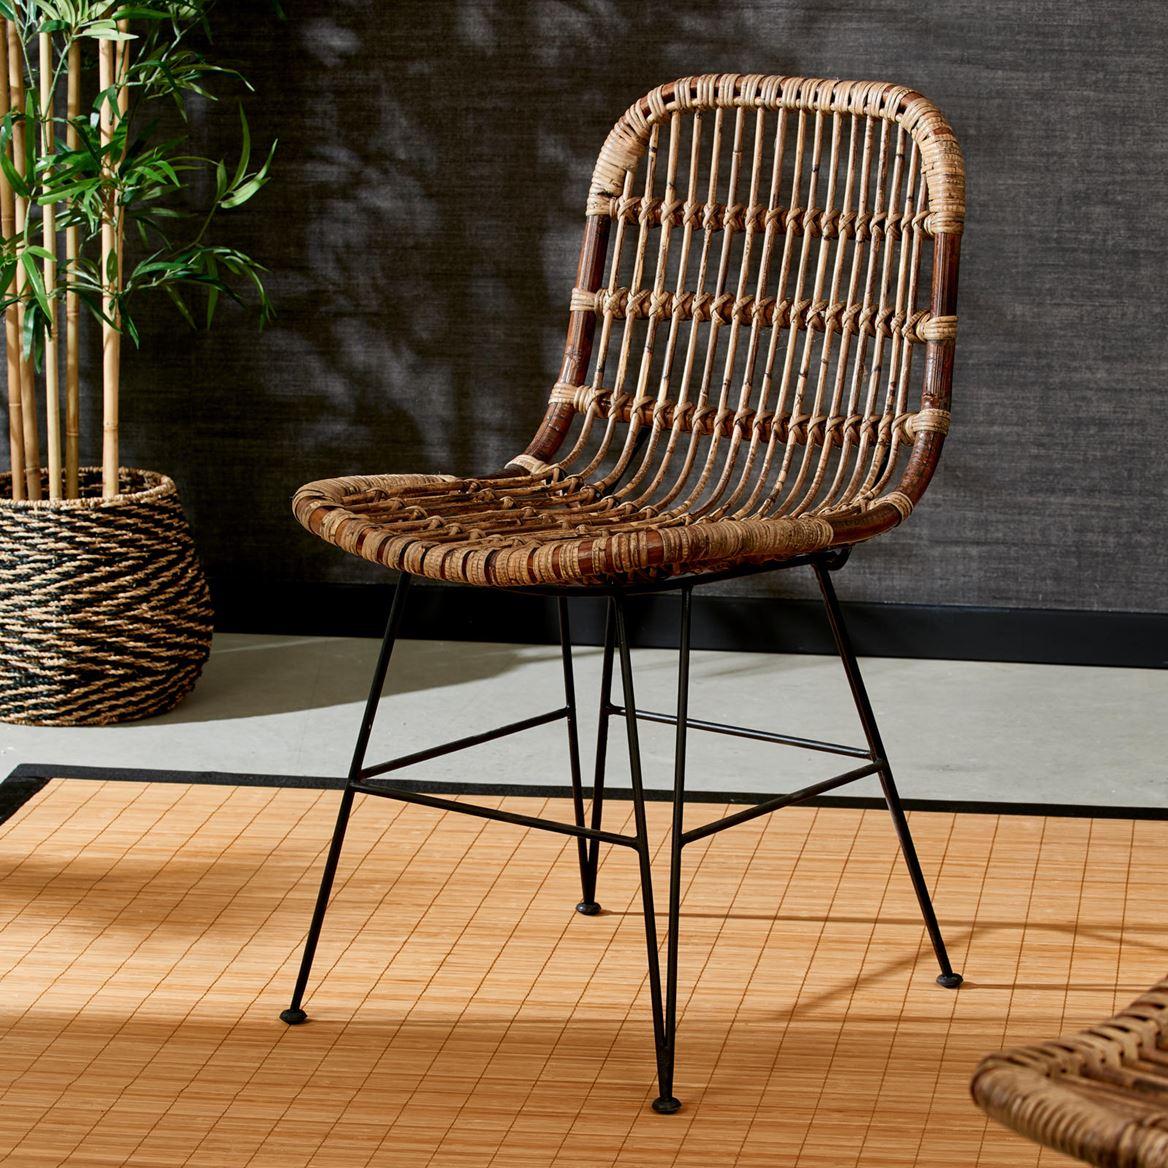 Sumatra Chaise Noir, Brun H 83 X Larg. 44 X P 55 Cm intérieur Casa Chaise De Jardin